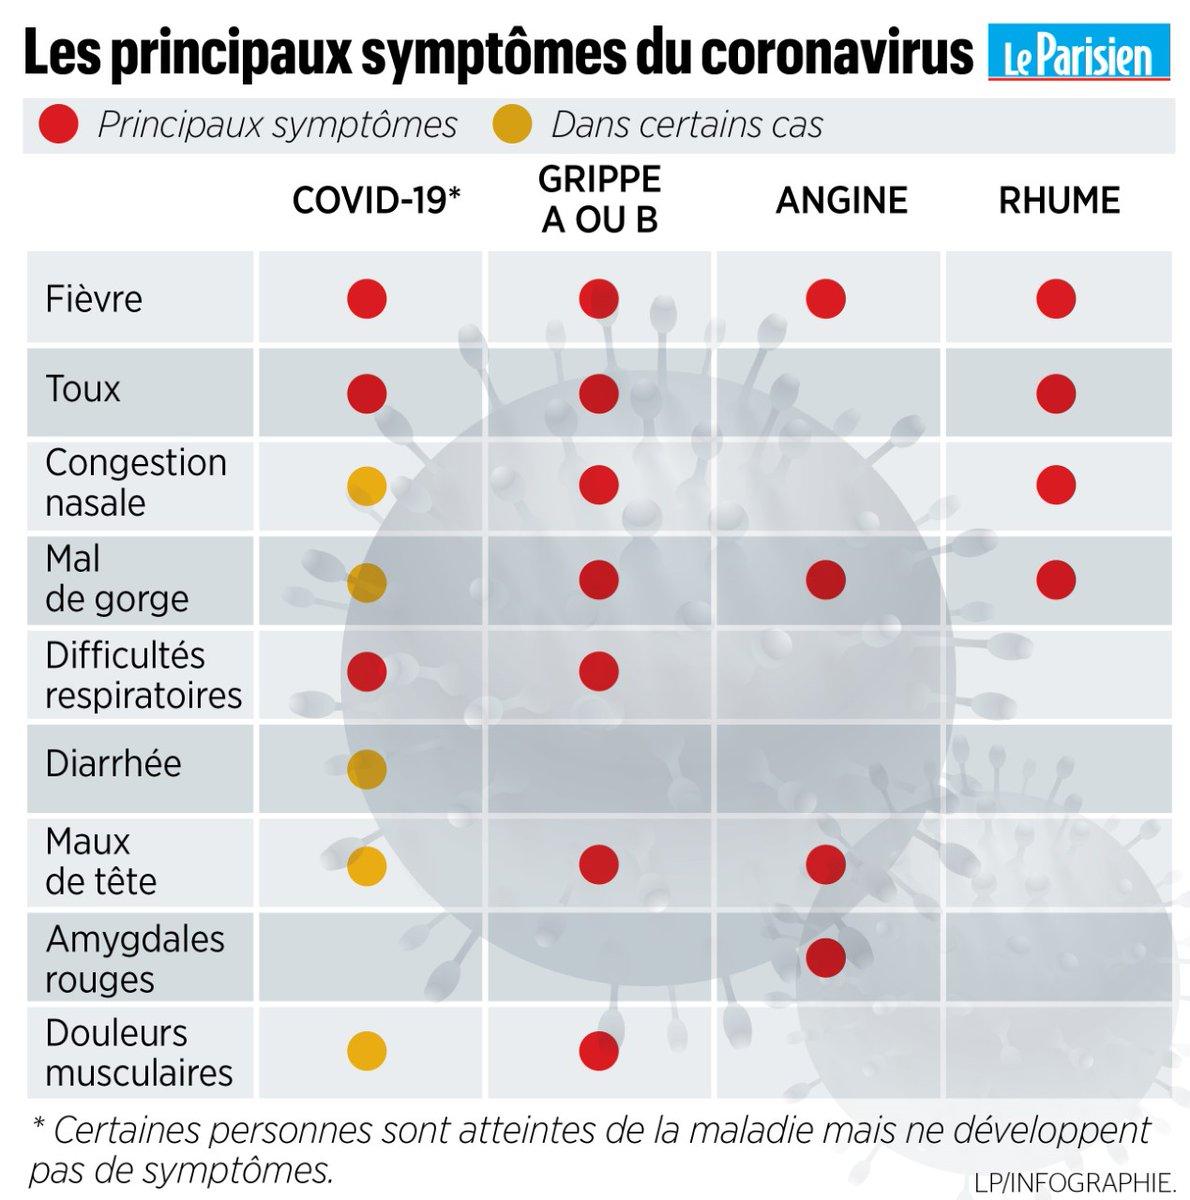 COVID-19 (nouveau coronavirus) - conseils de santé pour le grand public